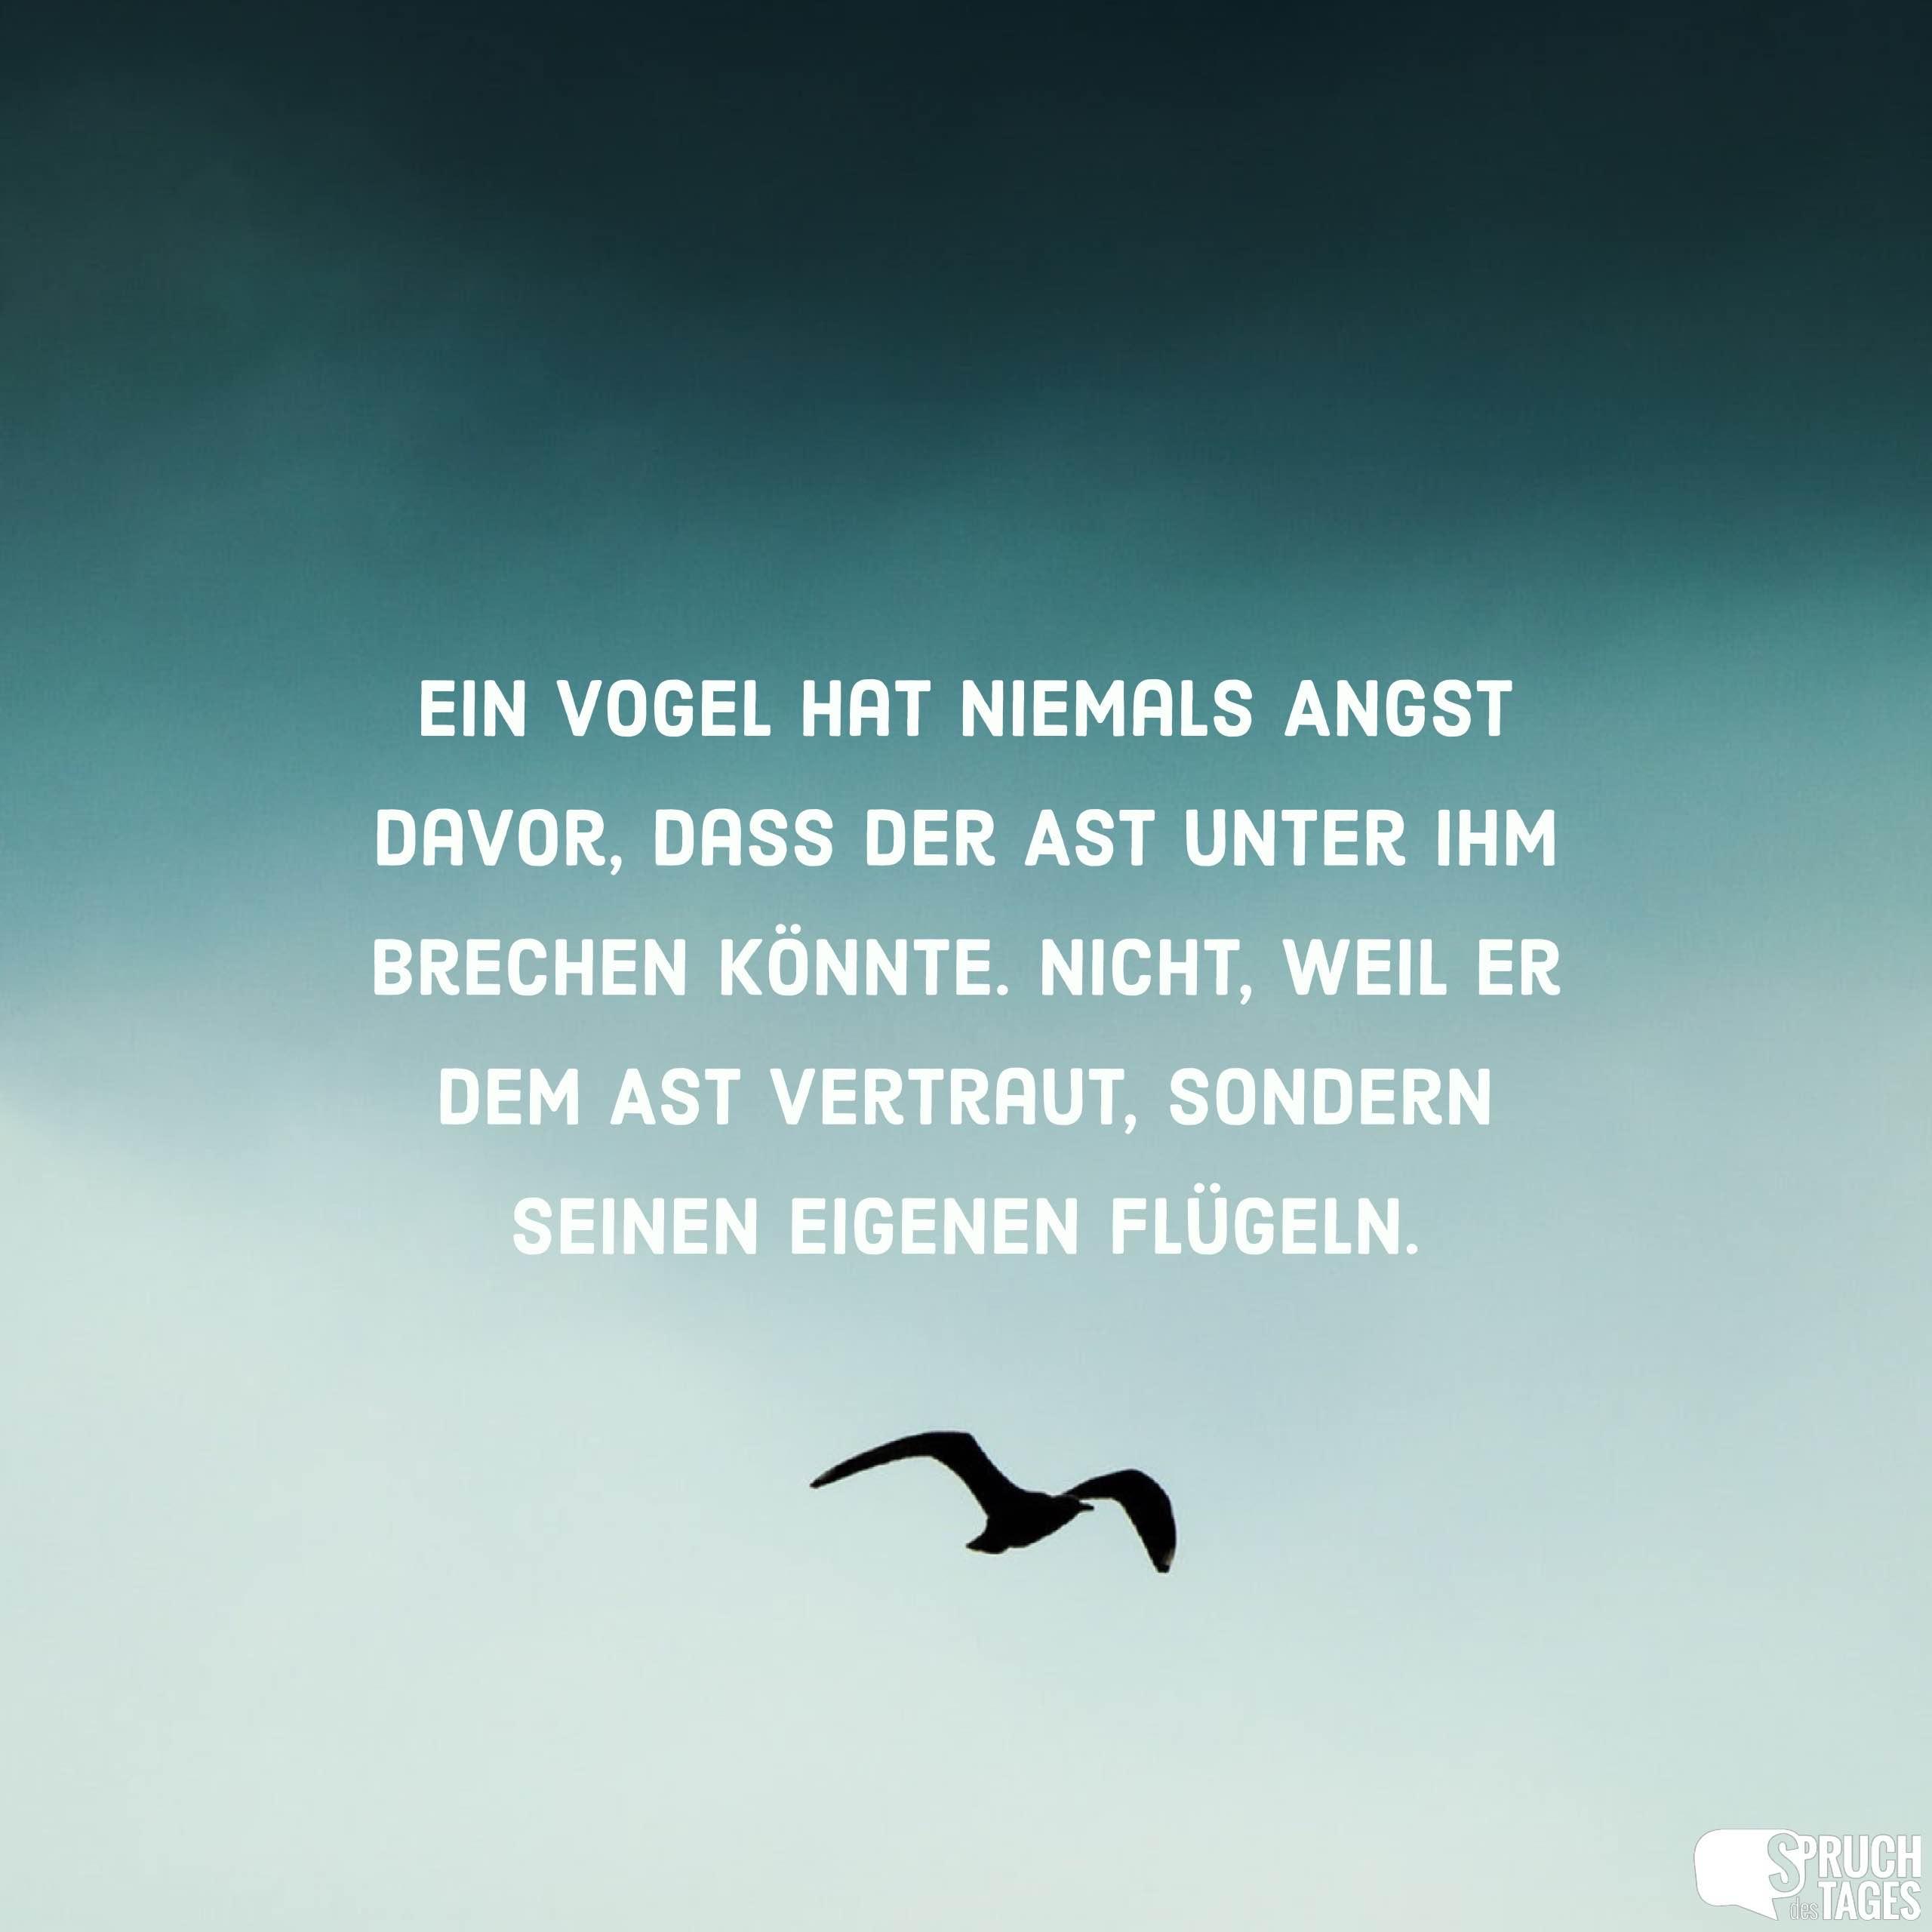 Ein Vogel Hat Niemals Angst Davor, Dass Der Ast Unter Ihm Brechen Könnte.  Nicht, Weil Er Dem Ast Vertraut, Sondern Seinen Eigenen Flügeln.